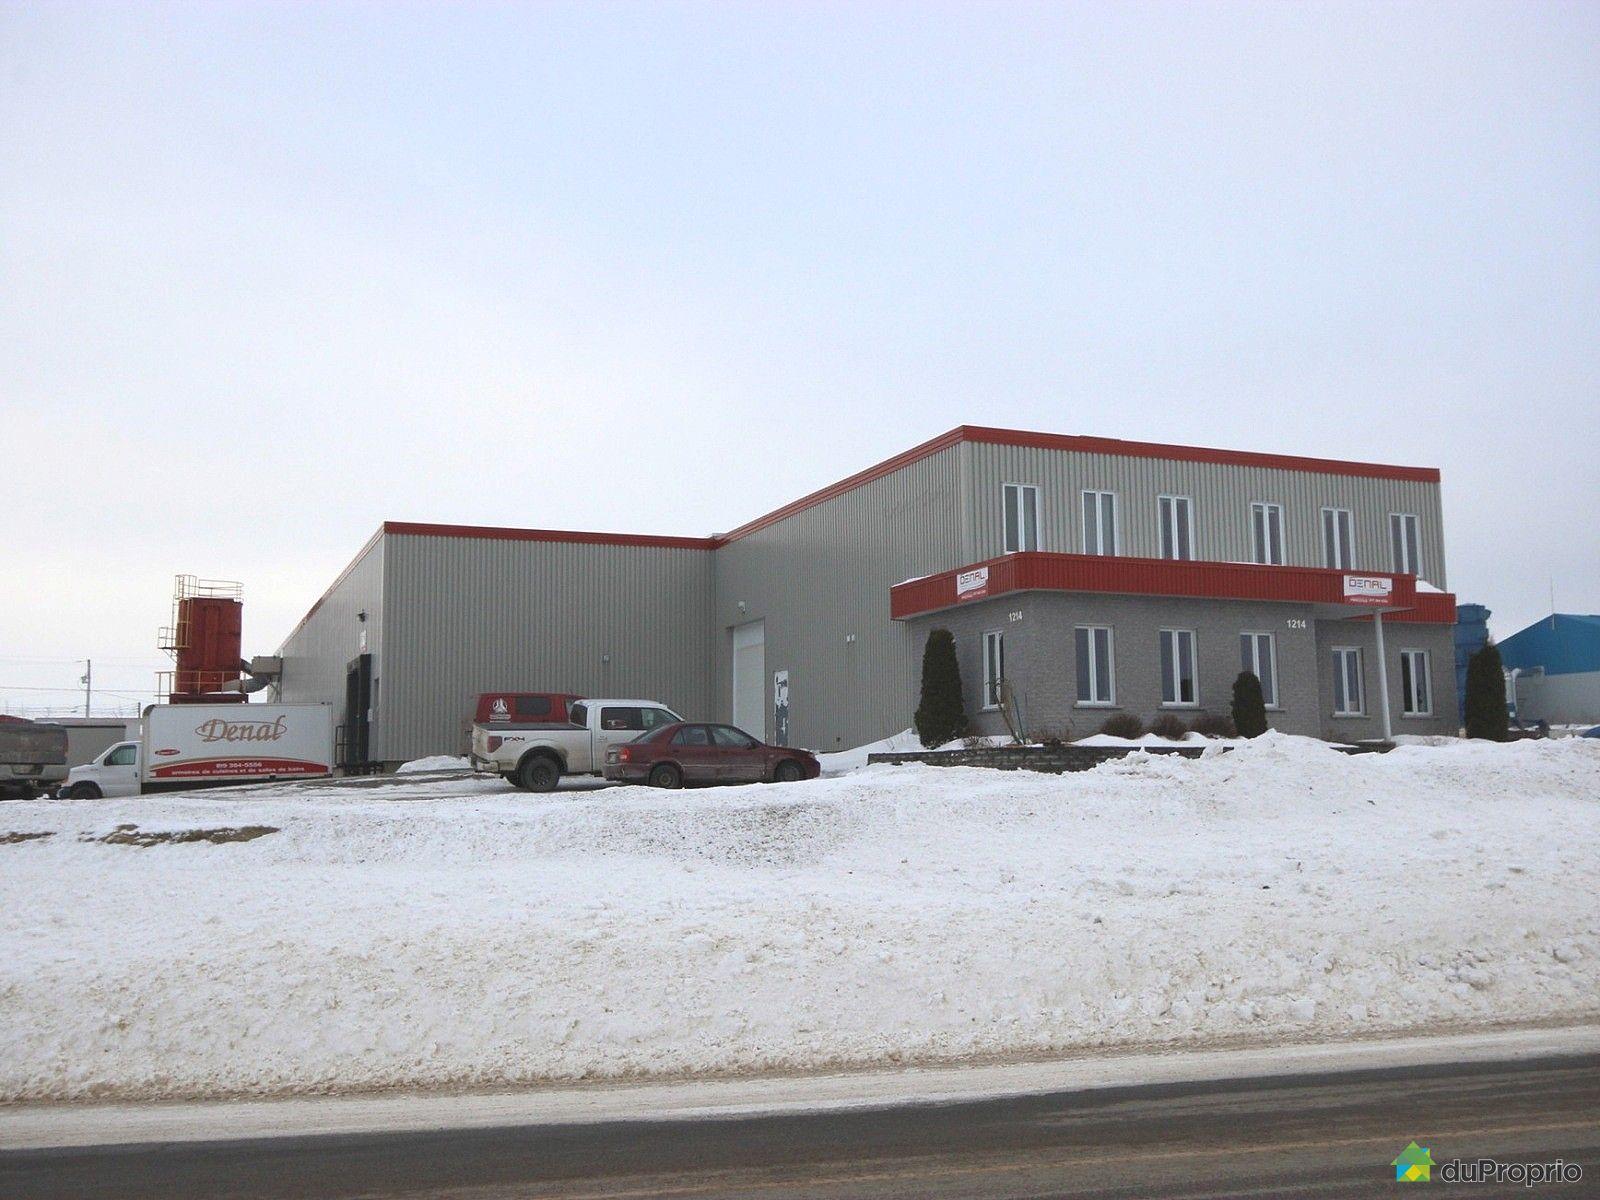 usine vendre princeville 1214 rue saint jacques ouest immobilier qu bec duproprio 684471. Black Bedroom Furniture Sets. Home Design Ideas